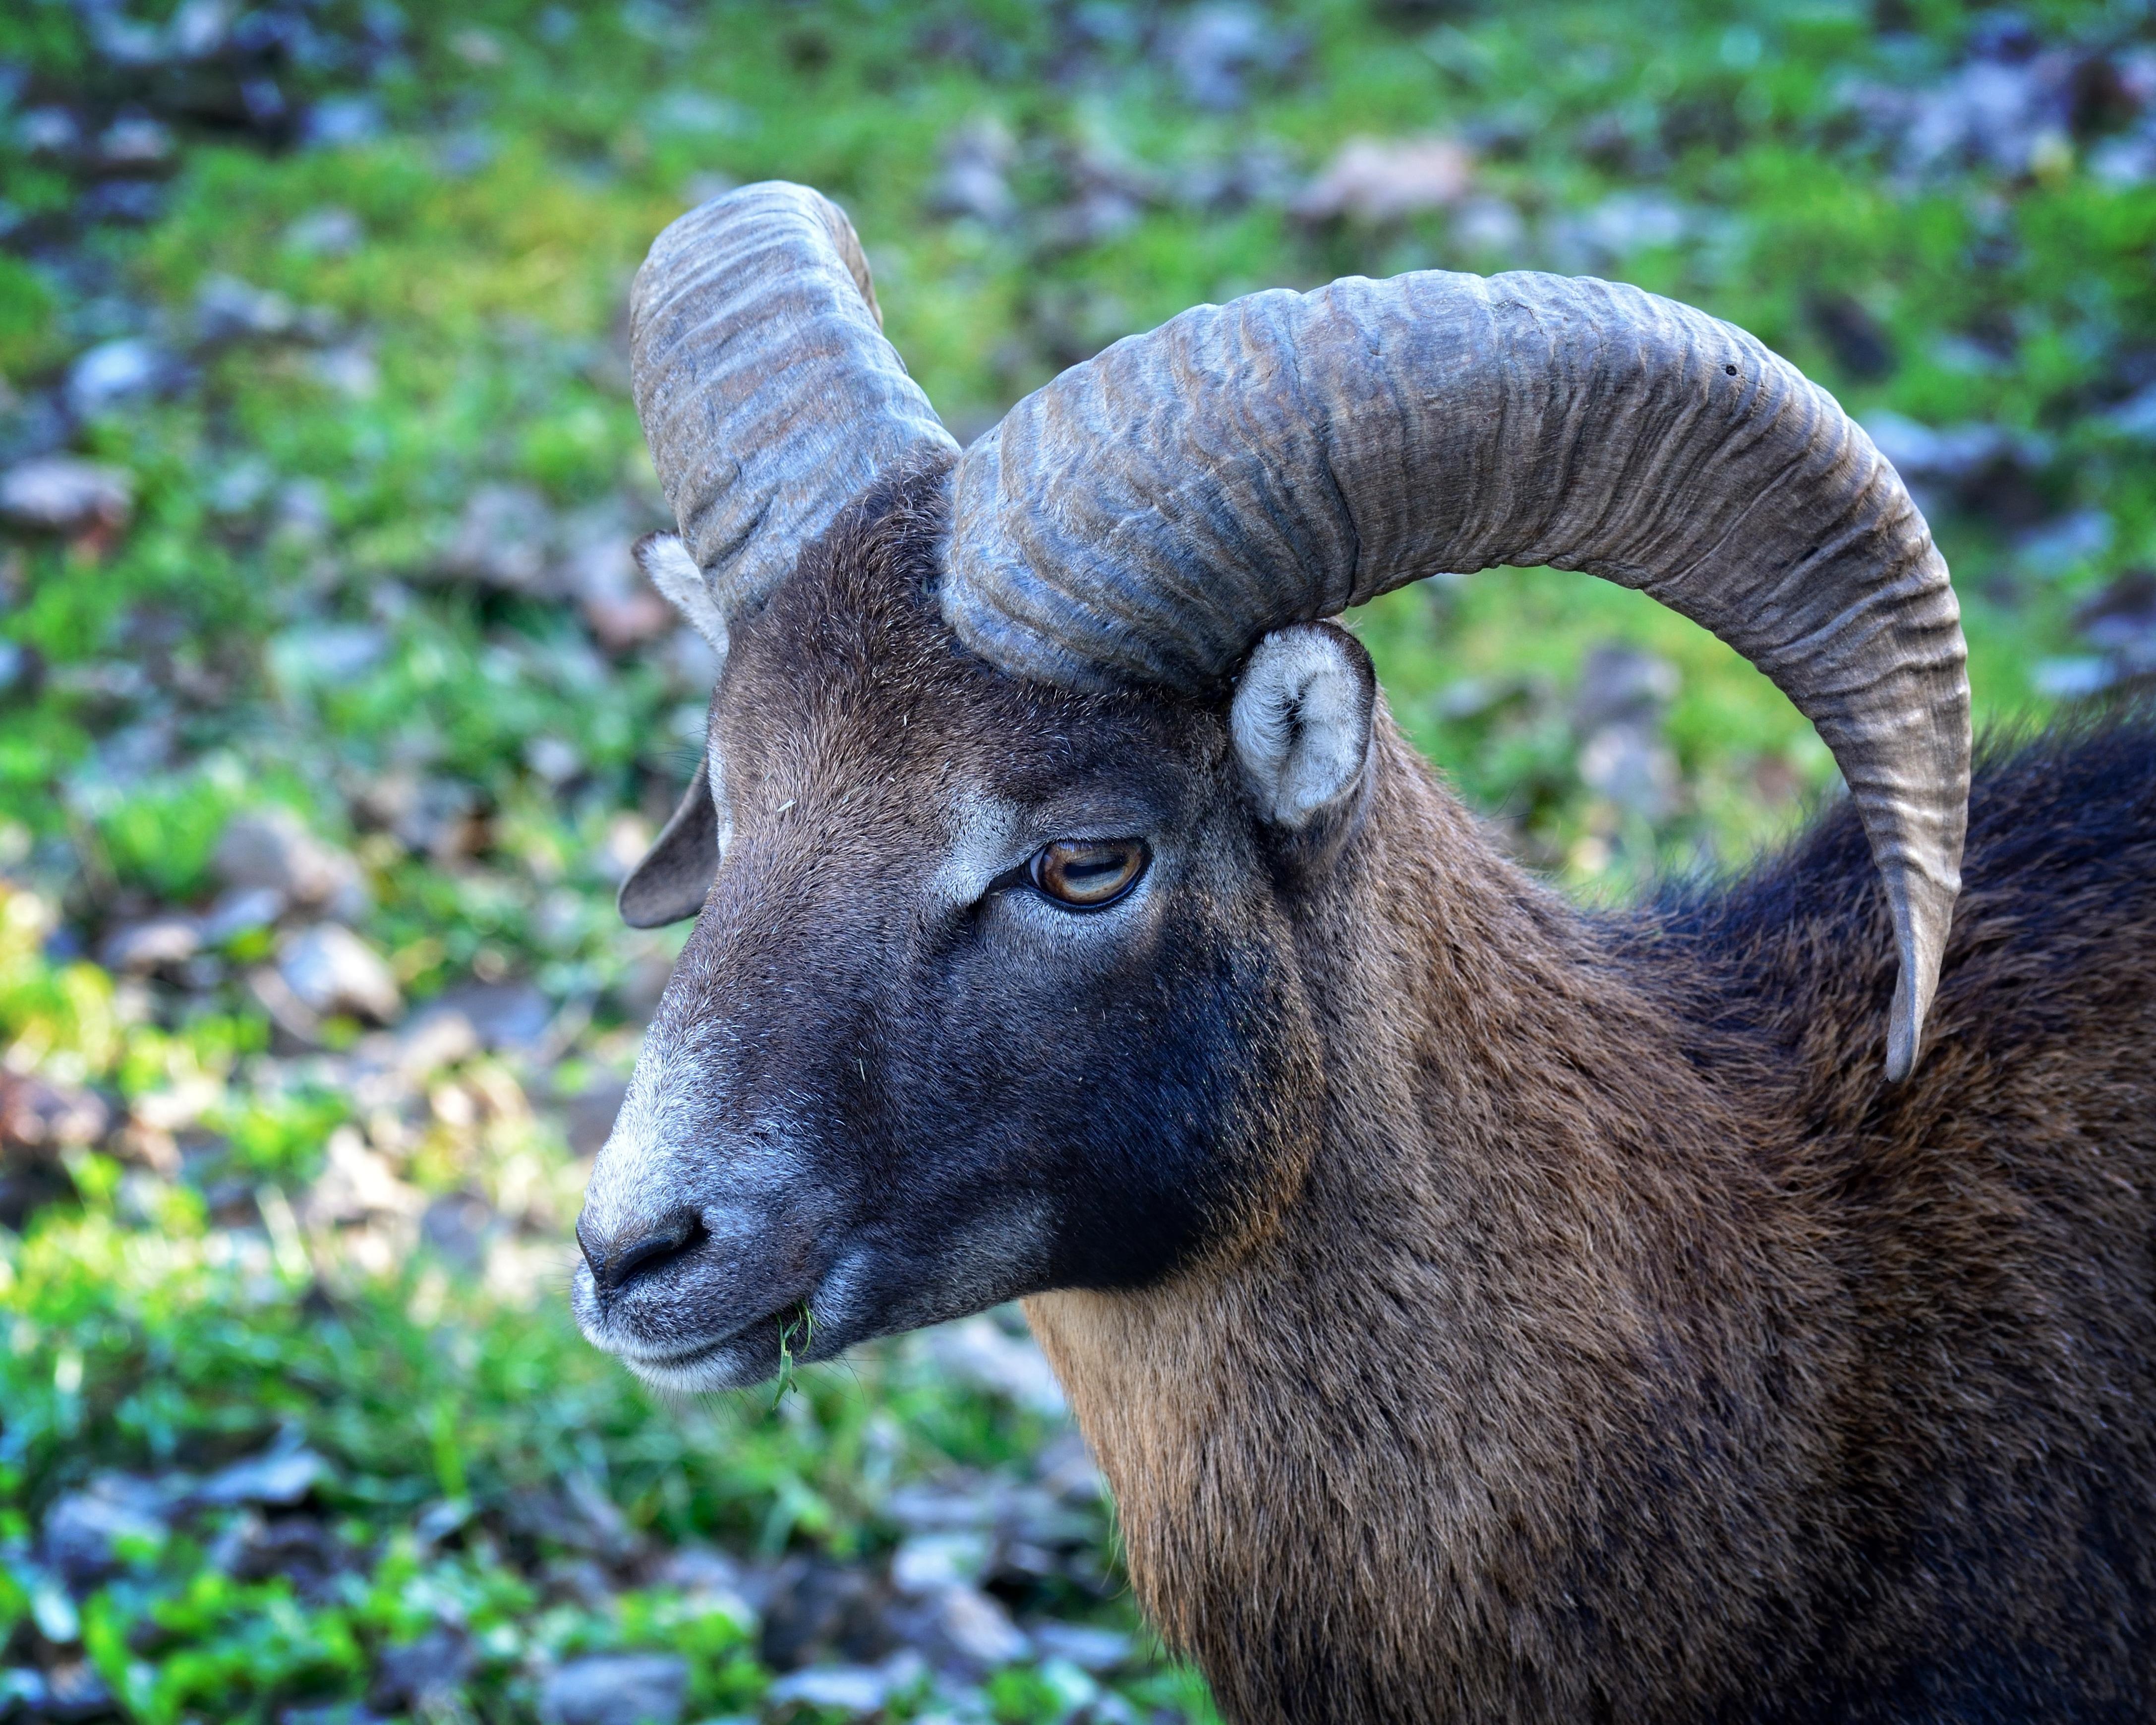 Head Mouflon Ovis Orientalis Musimon one animal animals in the 4349x3479